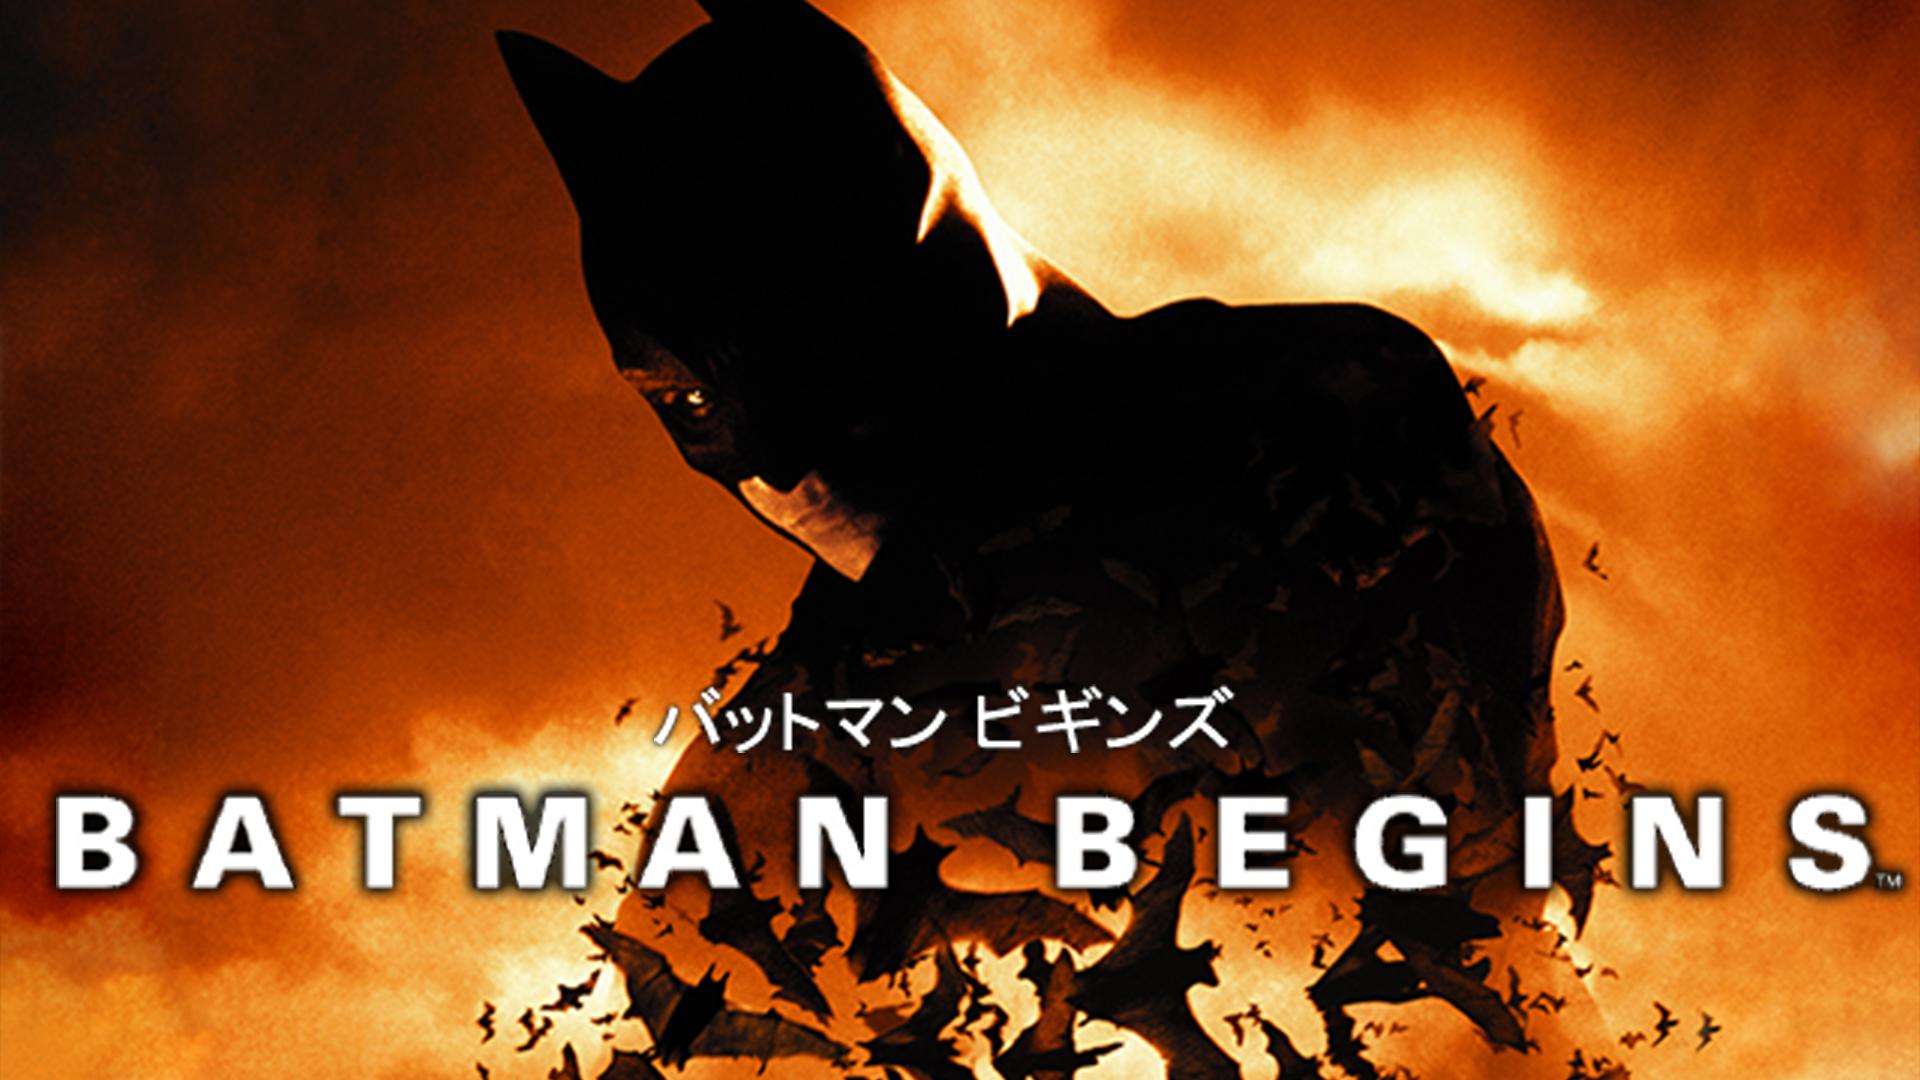 映画『バットマン ビギンズ』動画を無料でフル視聴出来るサービスとレンタル情報!見放題する方法まとめ!